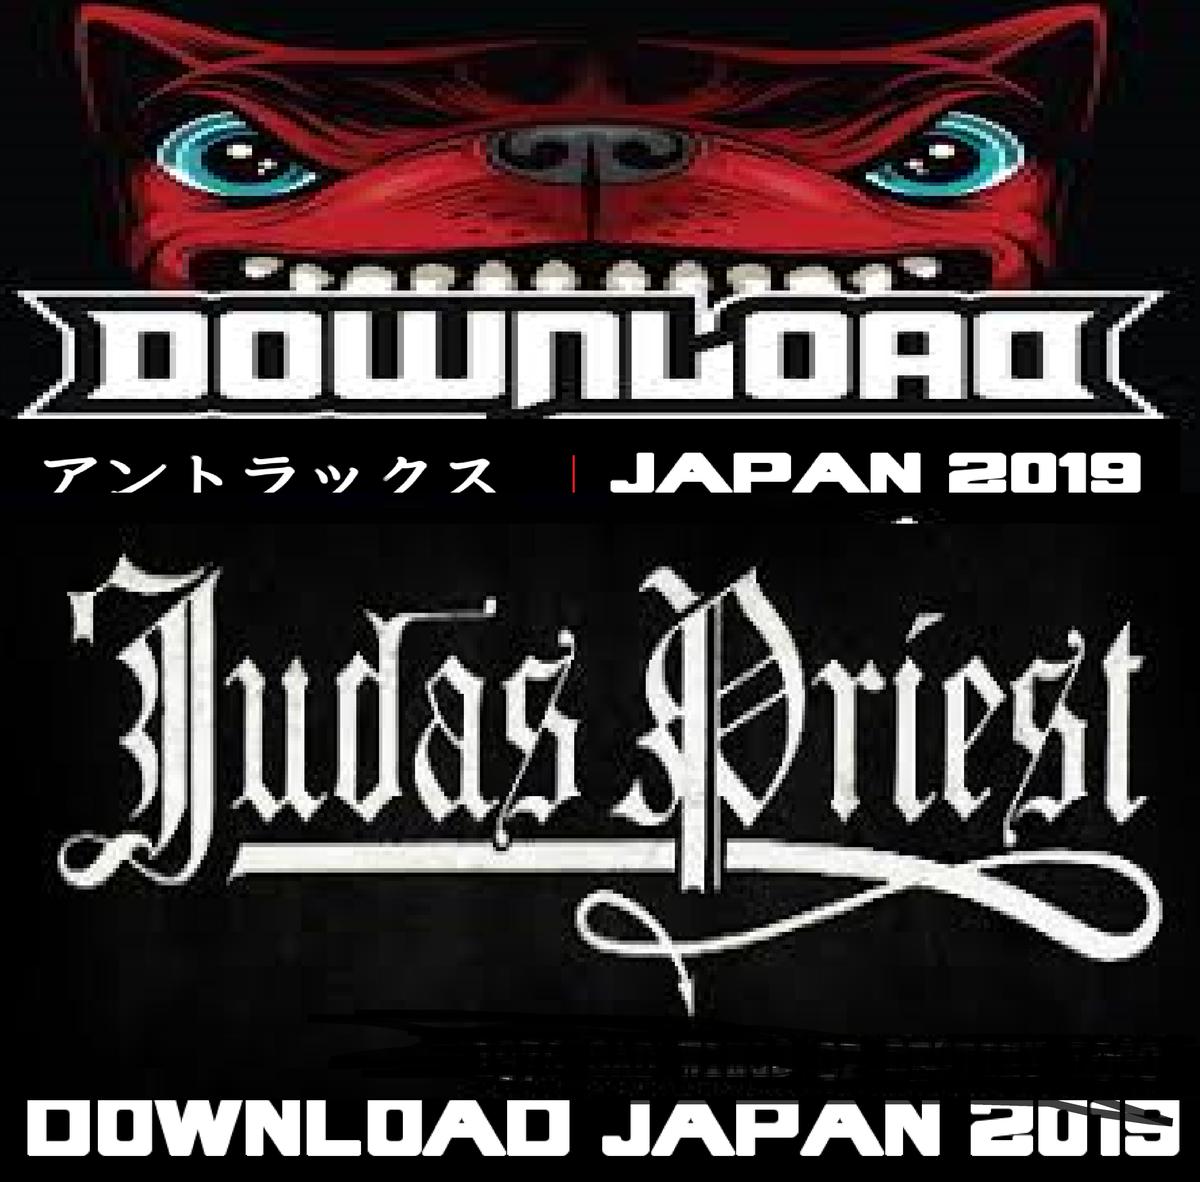 JUDAS PRIEST - fan filmed videos from DOWNLOAD FESTIVAL in Japan on